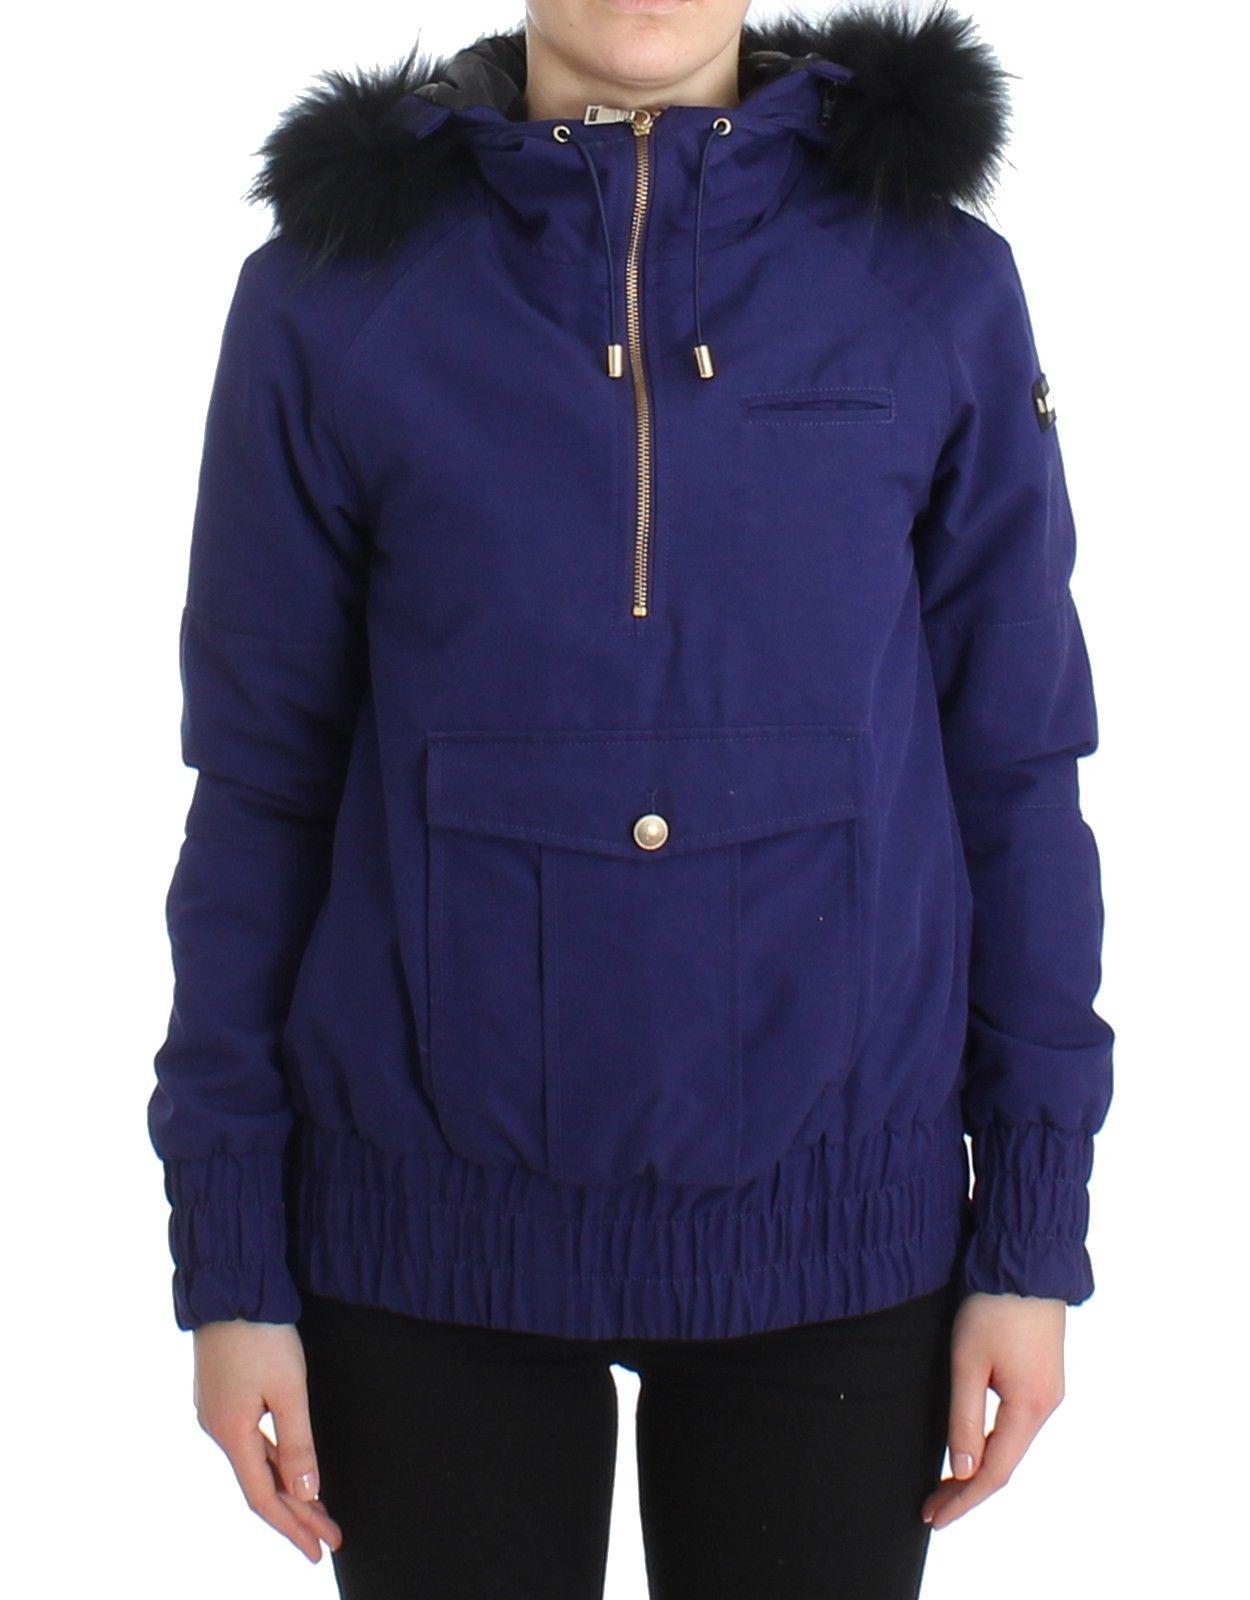 GF Ferre Women's Padded Hooded Short Jacket Blue SIG11604 - IT42